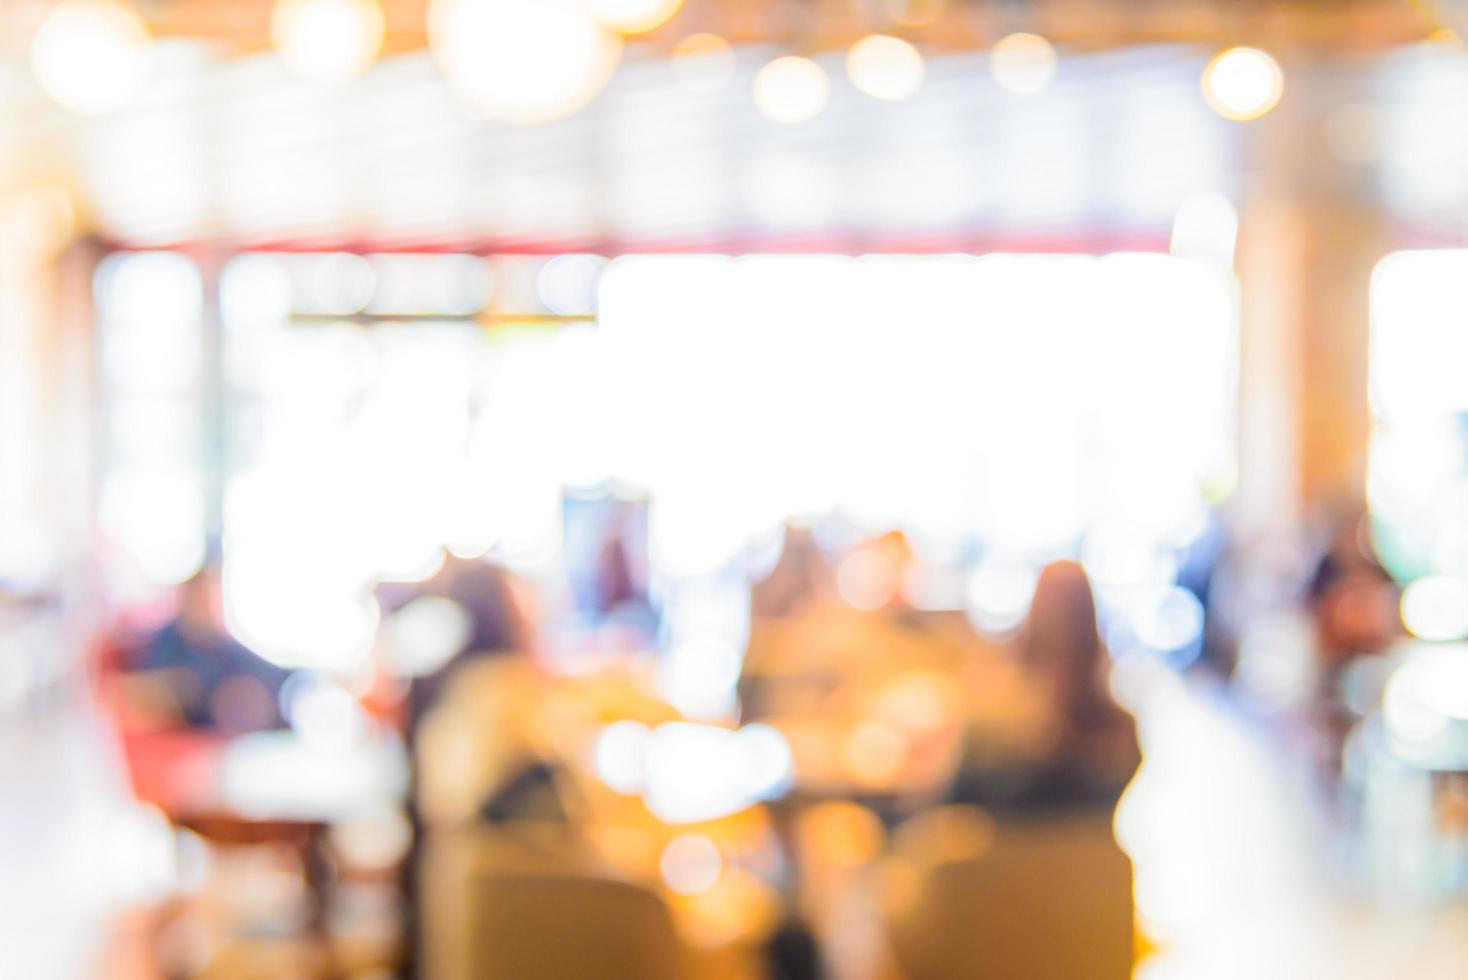 abstrakt oskärpa kafé bakgrund foto